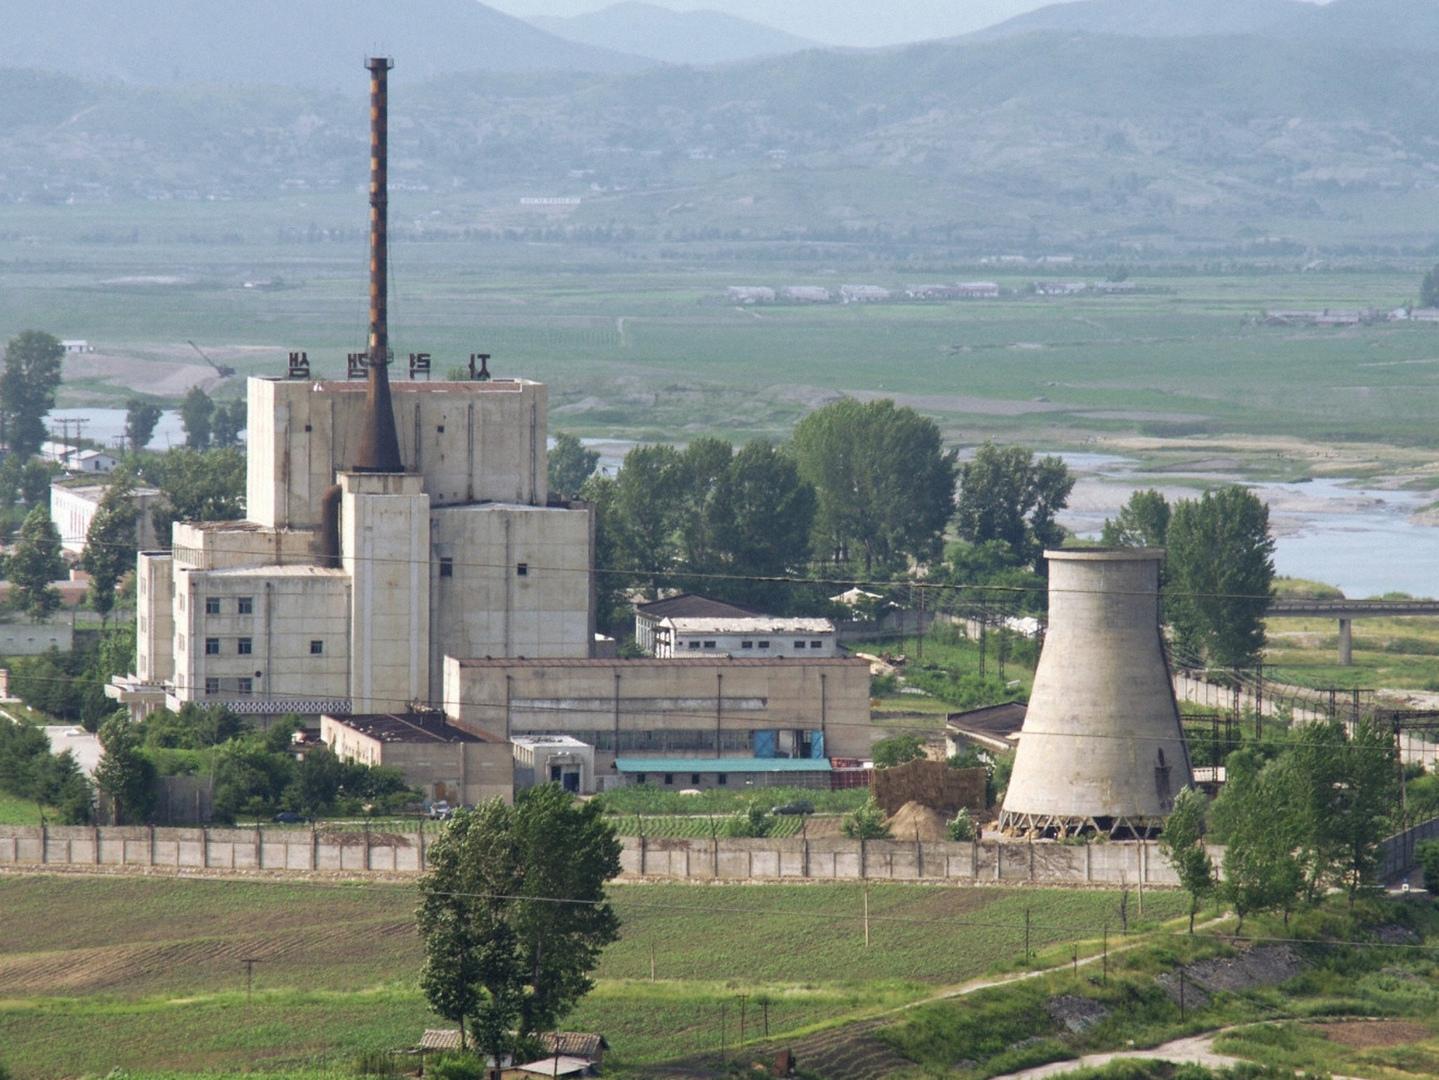 تقرير أمريكي: كوريا الشمالية الأسوأ عالميا من حيث إجراءات السلامة النووية